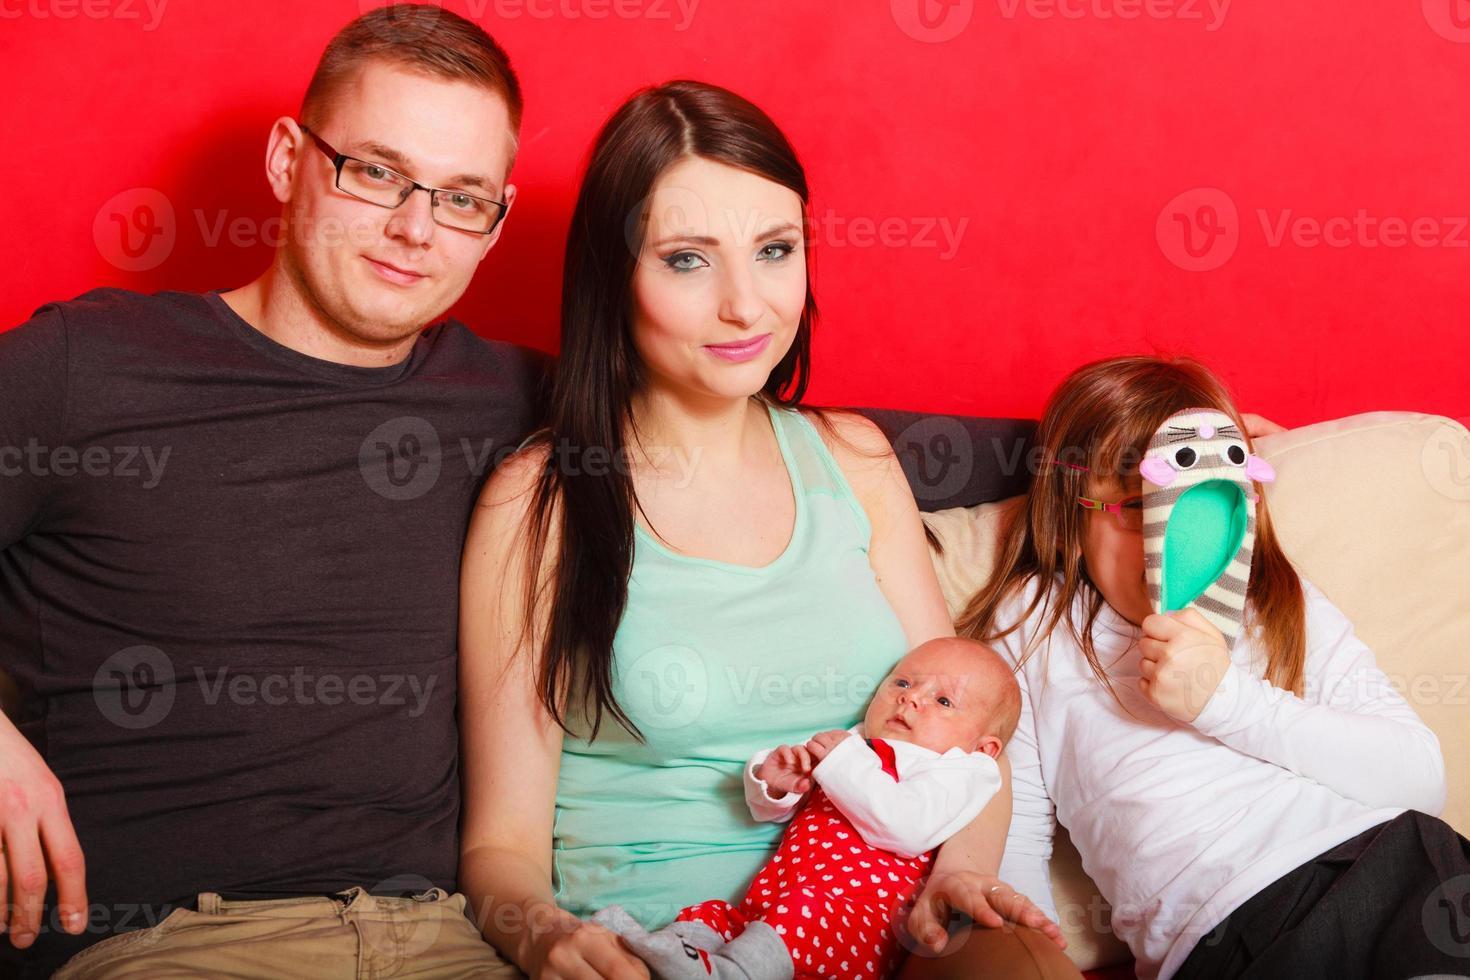 familia con retrato de niña bebé recién nacido foto